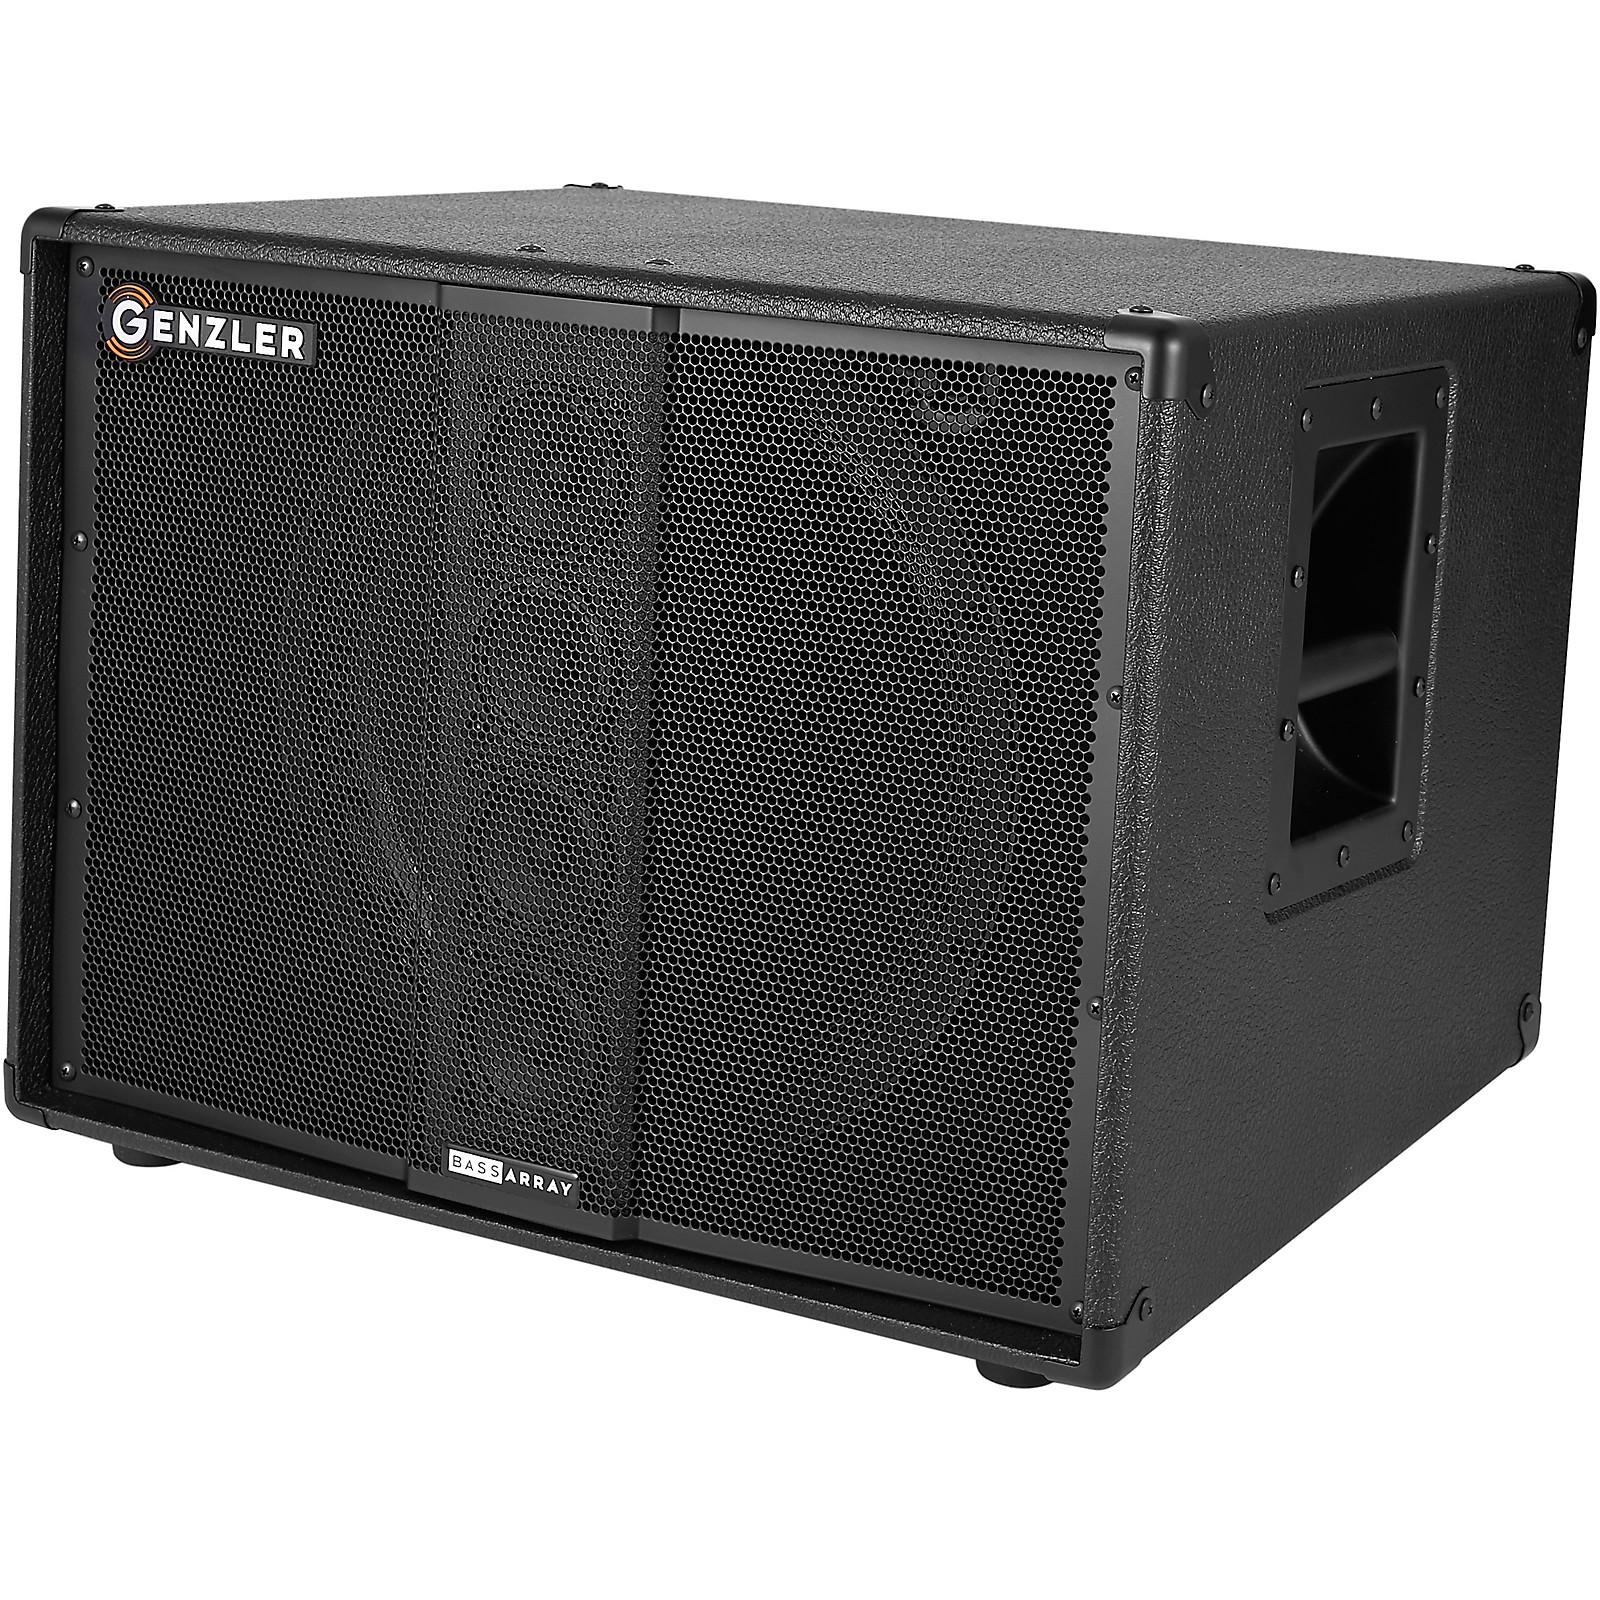 GENZLER AMPLIFICATION BA15-3 SLT Bass Array 400W 1x15